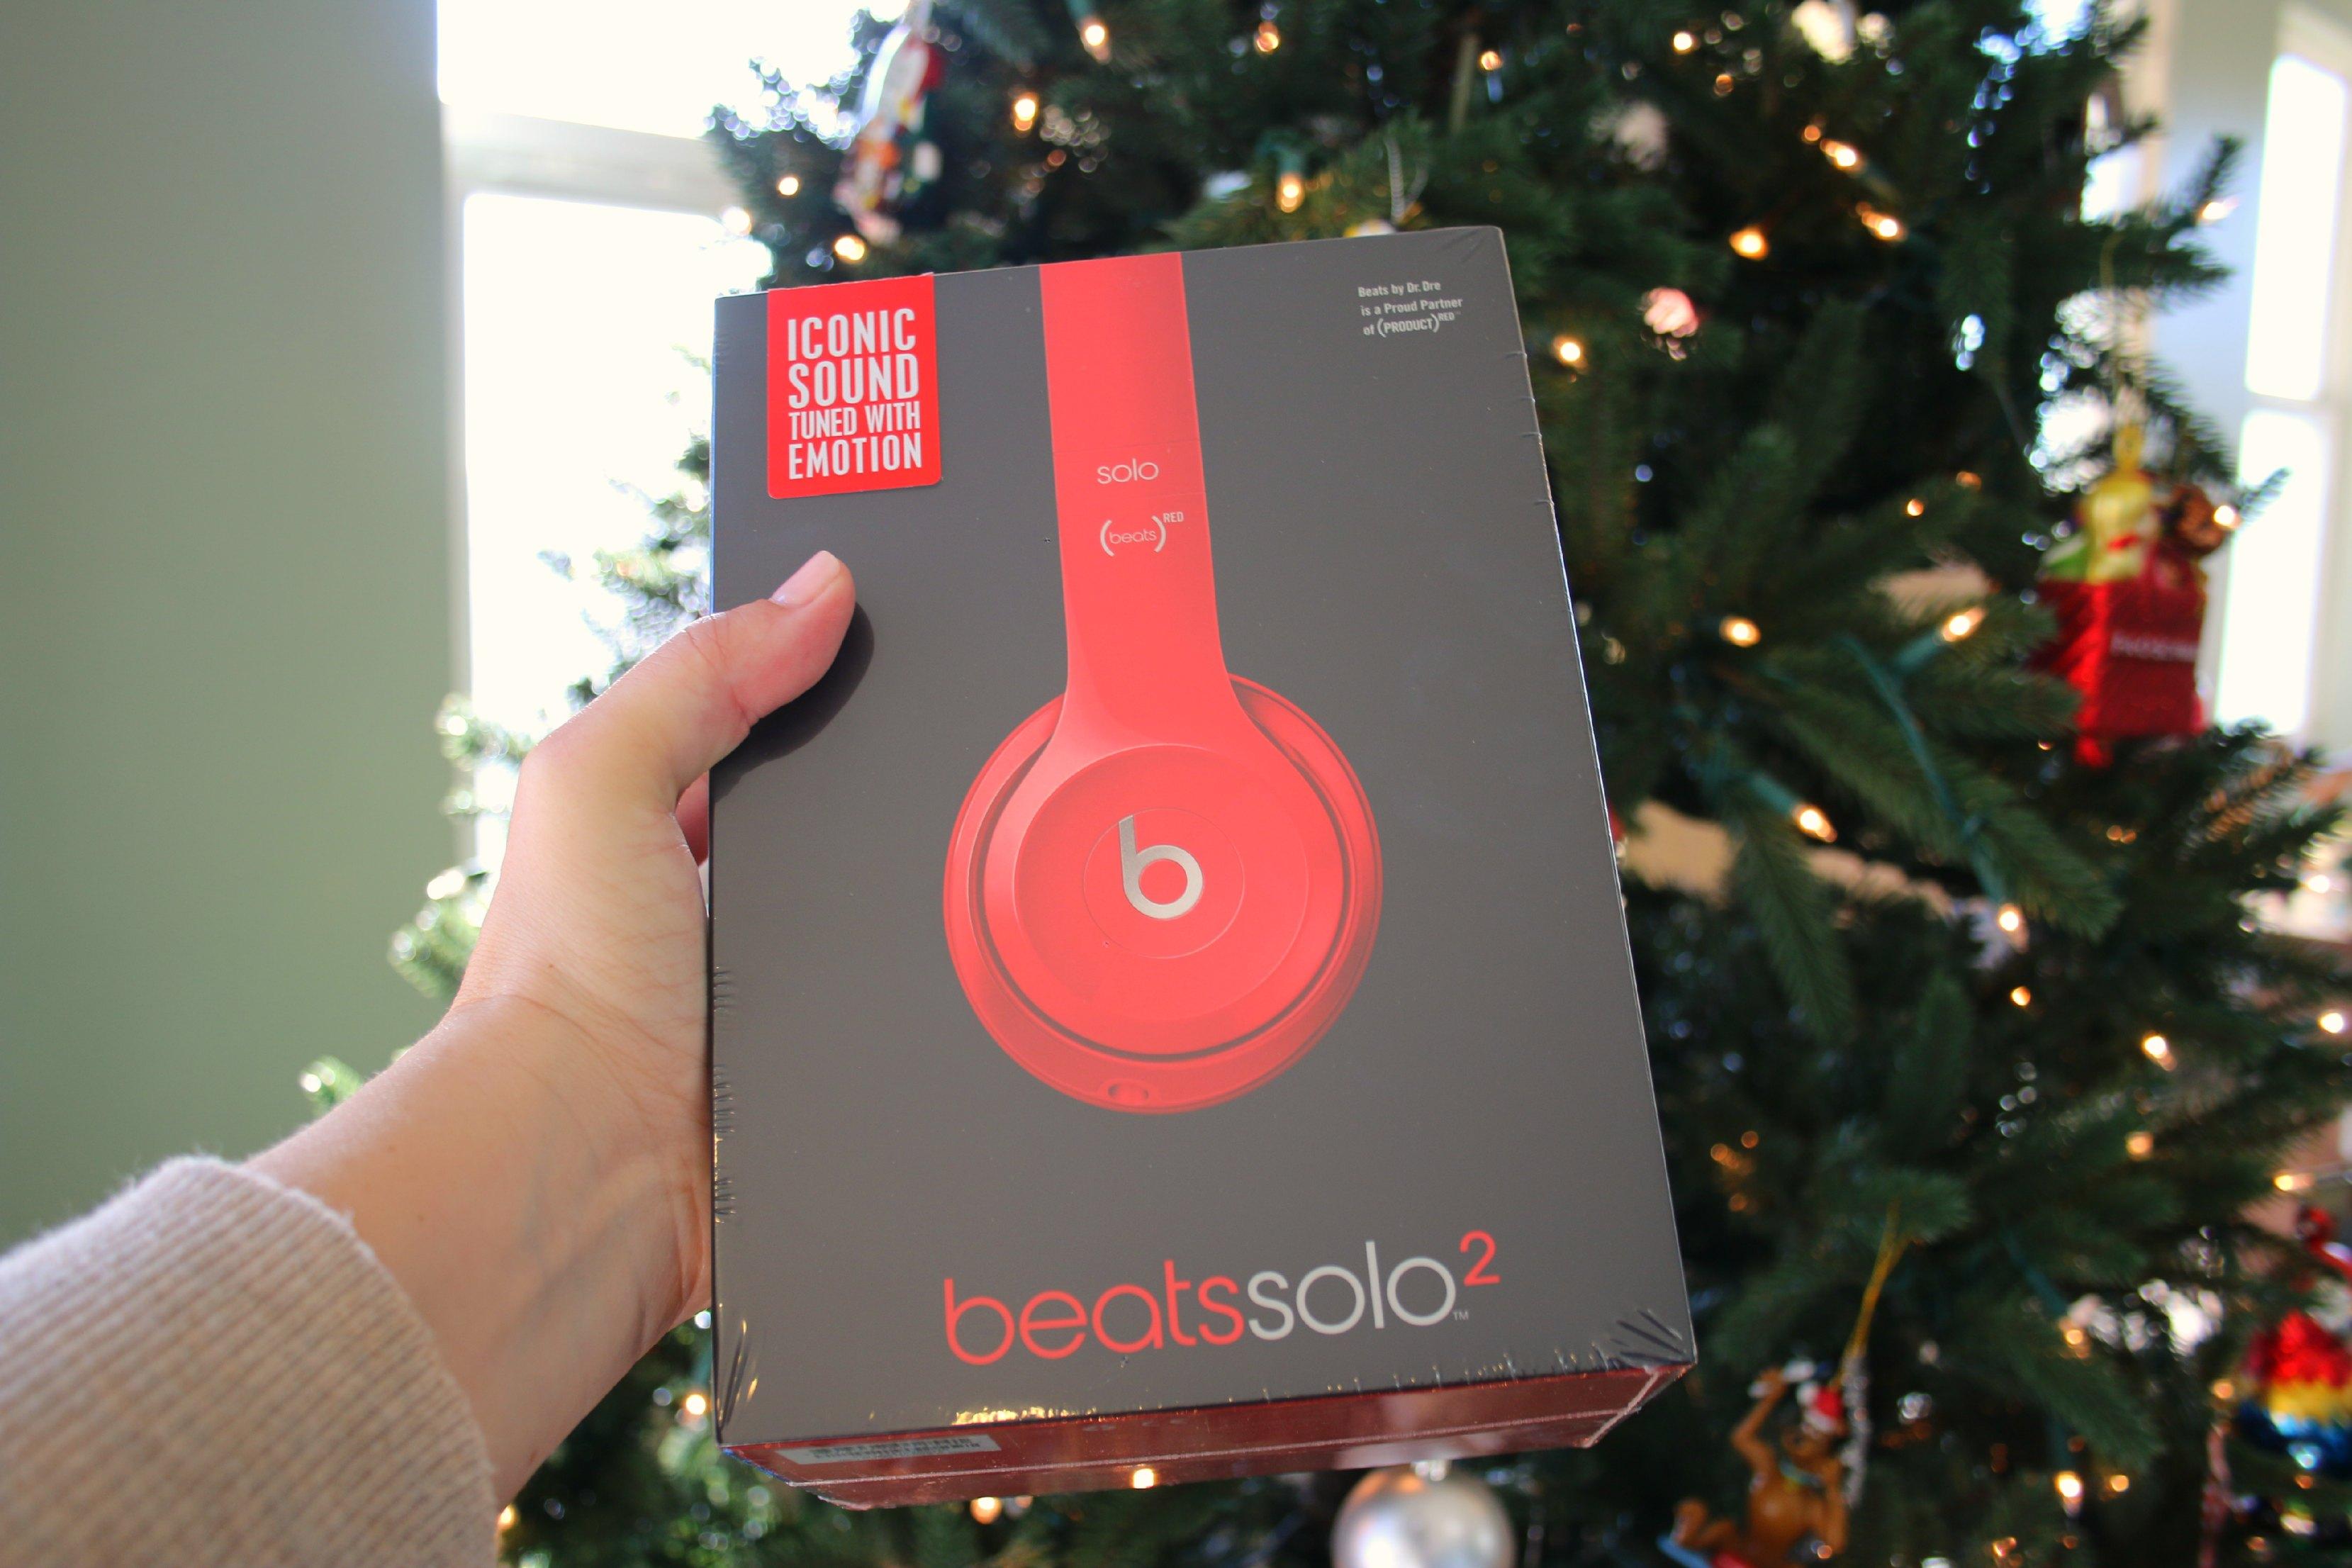 beats solo 2 radio shack